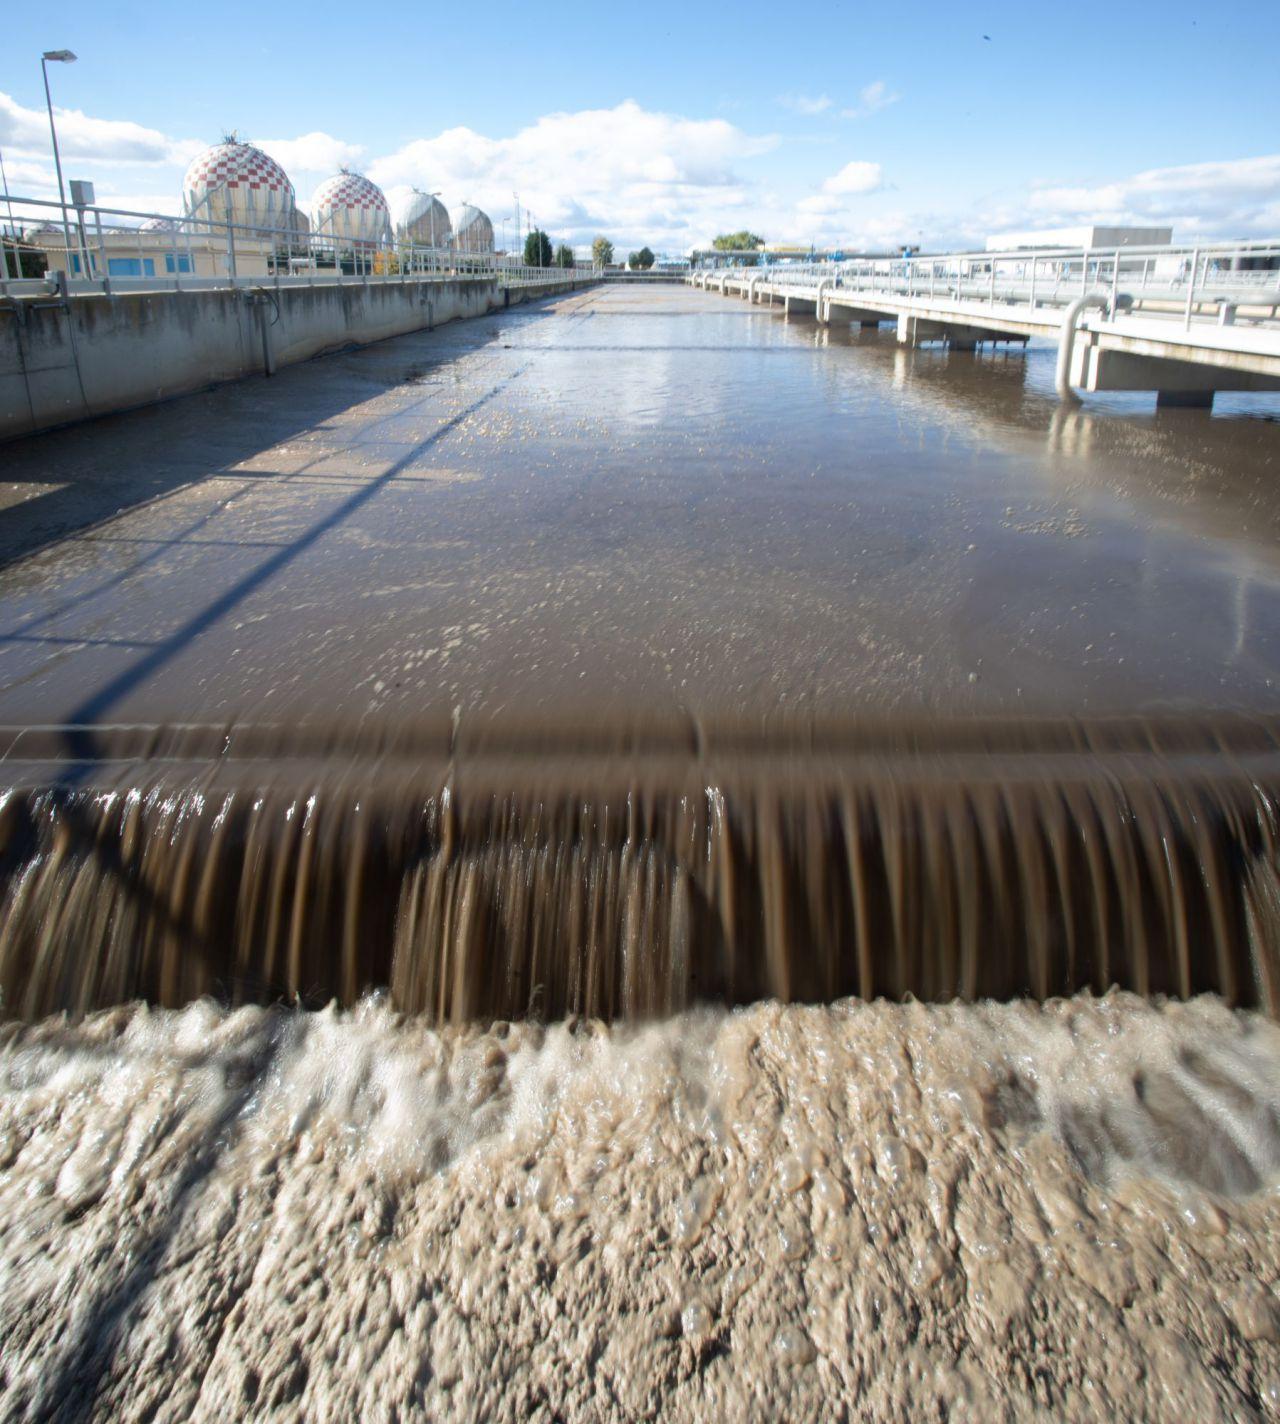 La Estación de Depuración de Aguas Residuales (EDAR) de Arroyo Culebro Cuenca Baja es una de las 157 depuradoras que gestiona Canal de Isabel II en la Comunidad de Madrid.